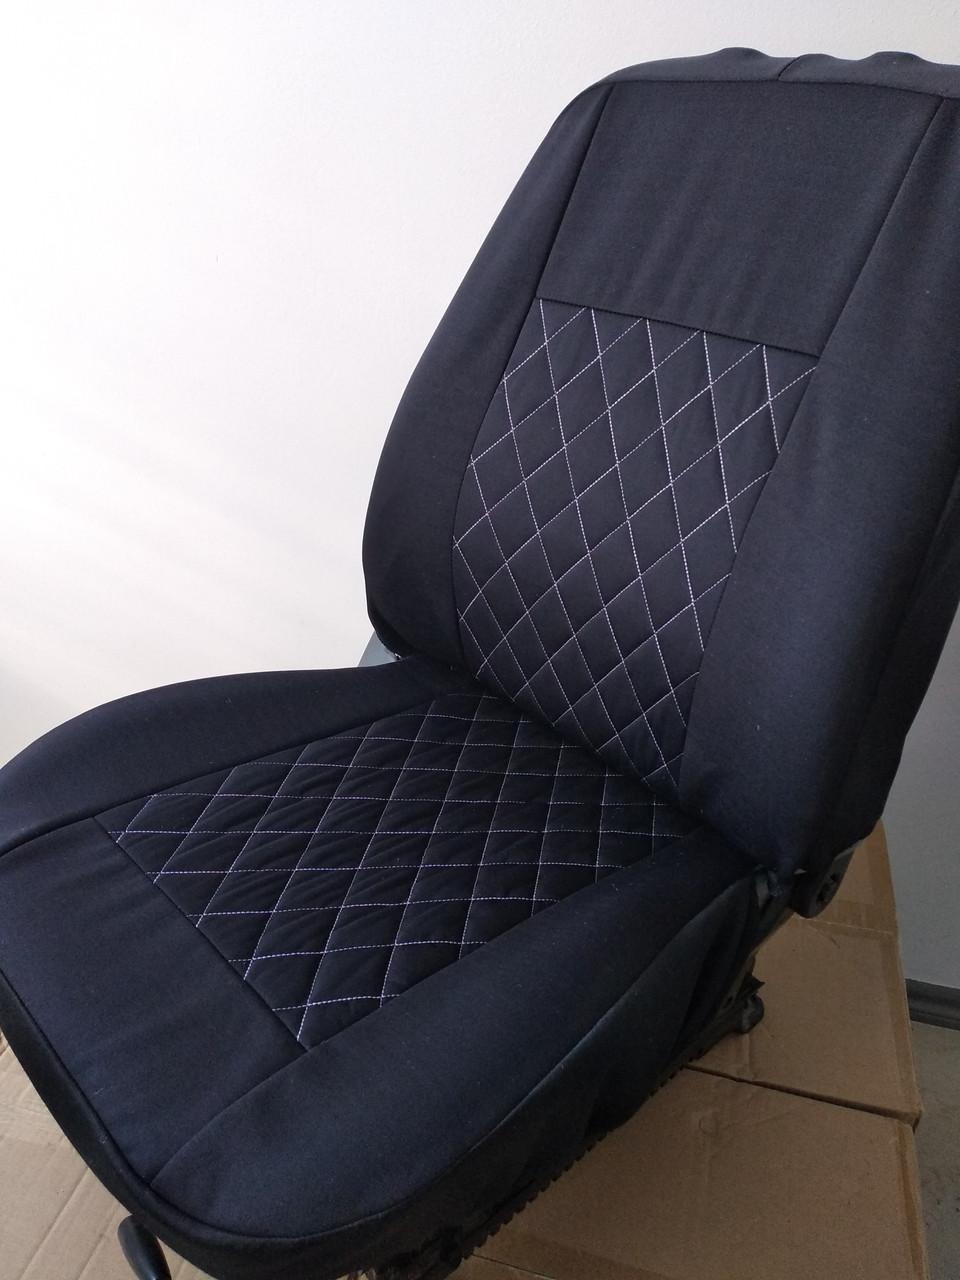 Чохли на сидіння авто універсальні LUXE (спинка деленка) сіра рядок